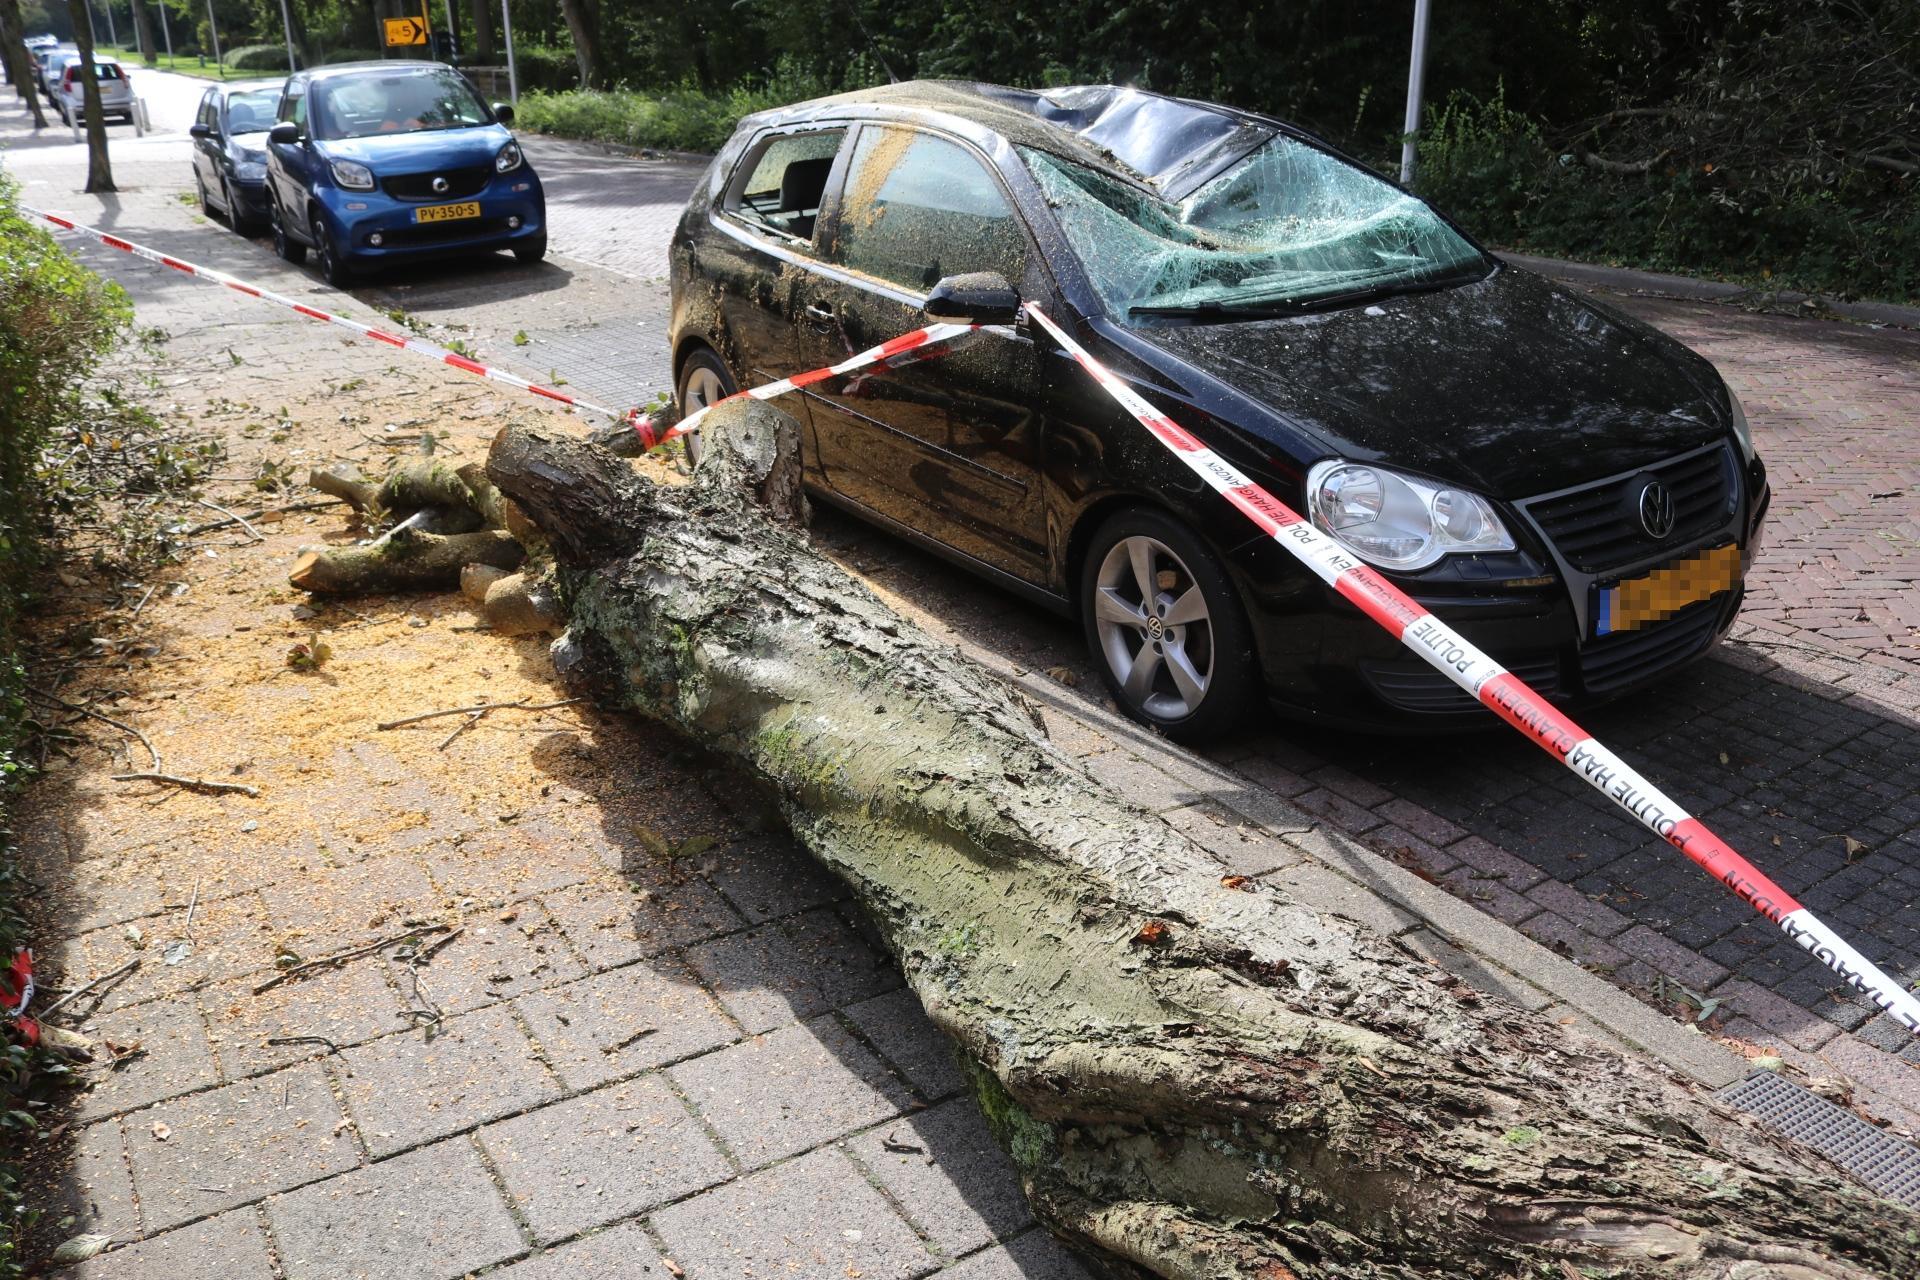 Boom valt op auto in Katwijk; voertuig total loss